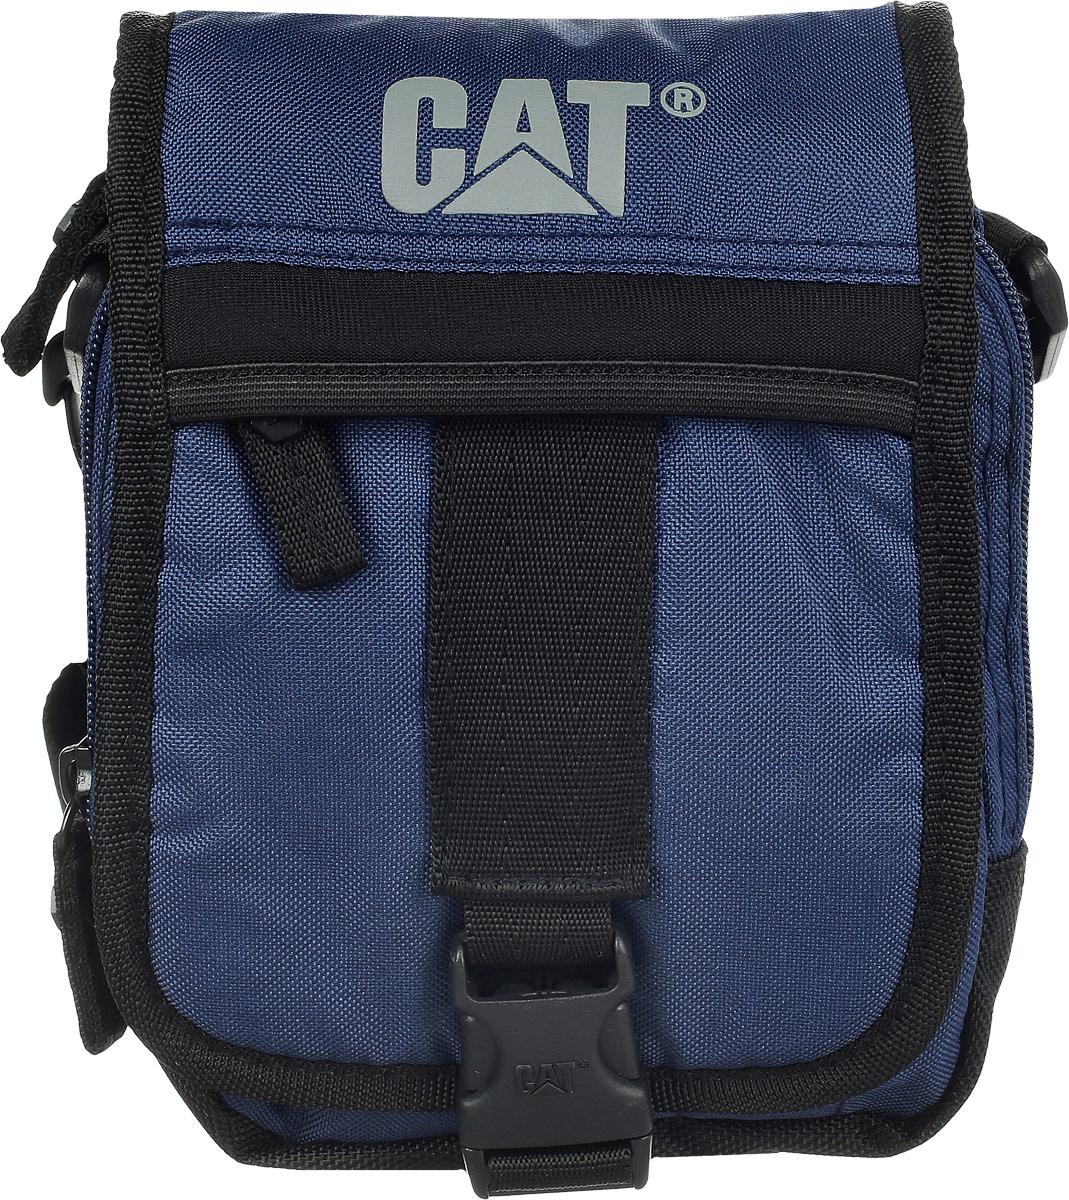 Сумка на плечо Caterpillar Ronald, цвет: темно-синий, черный, 2 л800201Стильная сумка Caterpillar Ronald выполнена из полиэстера. Изделие имеет два основных отделения, которые закрываются на застежки-молнии. Внутри одного из отделений имеется накладной карман на липучке. Закрывается изделие на клапан с пластиковой защелкой. Снаружи, на передней стенке под клапаном находится накладной открытый кармашек, два держателя для авторучек и прорезной карман на застежке-молнии, внутри которого предусмотрен текстильный ремешок с карабином для ключей. Клапан также оснащен дополнительным прорезным карманом на застежке-молнии. Сумка оснащена съемным текстильным плечевым ремнем, который регулируется по длине. На задней стенке предусмотрена текстильная ручка на кнопке. Стильная сумка Caterpillar Ronald станет незаменимой в повседневной жизни.